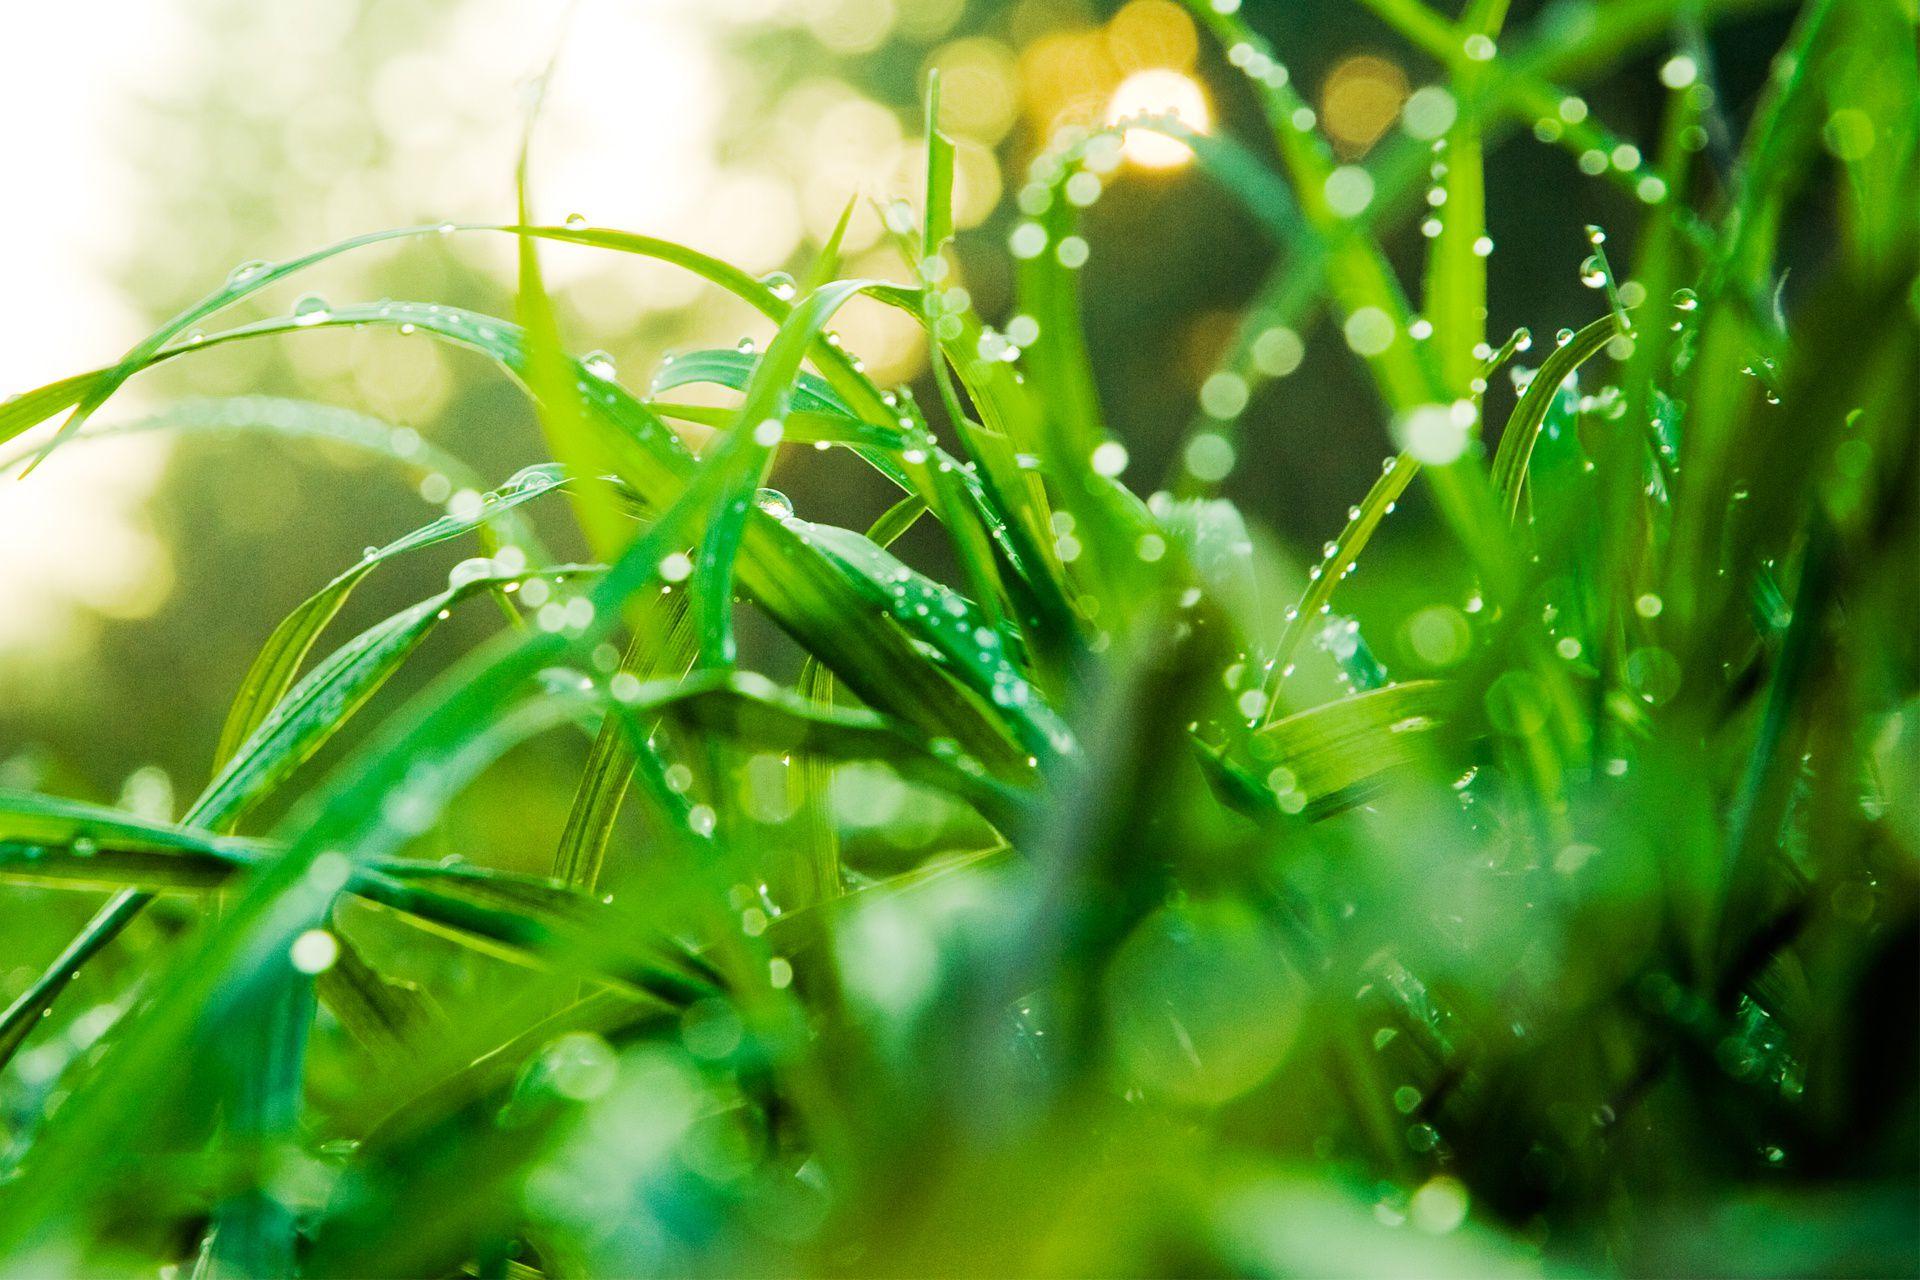 bladesplusdroplets